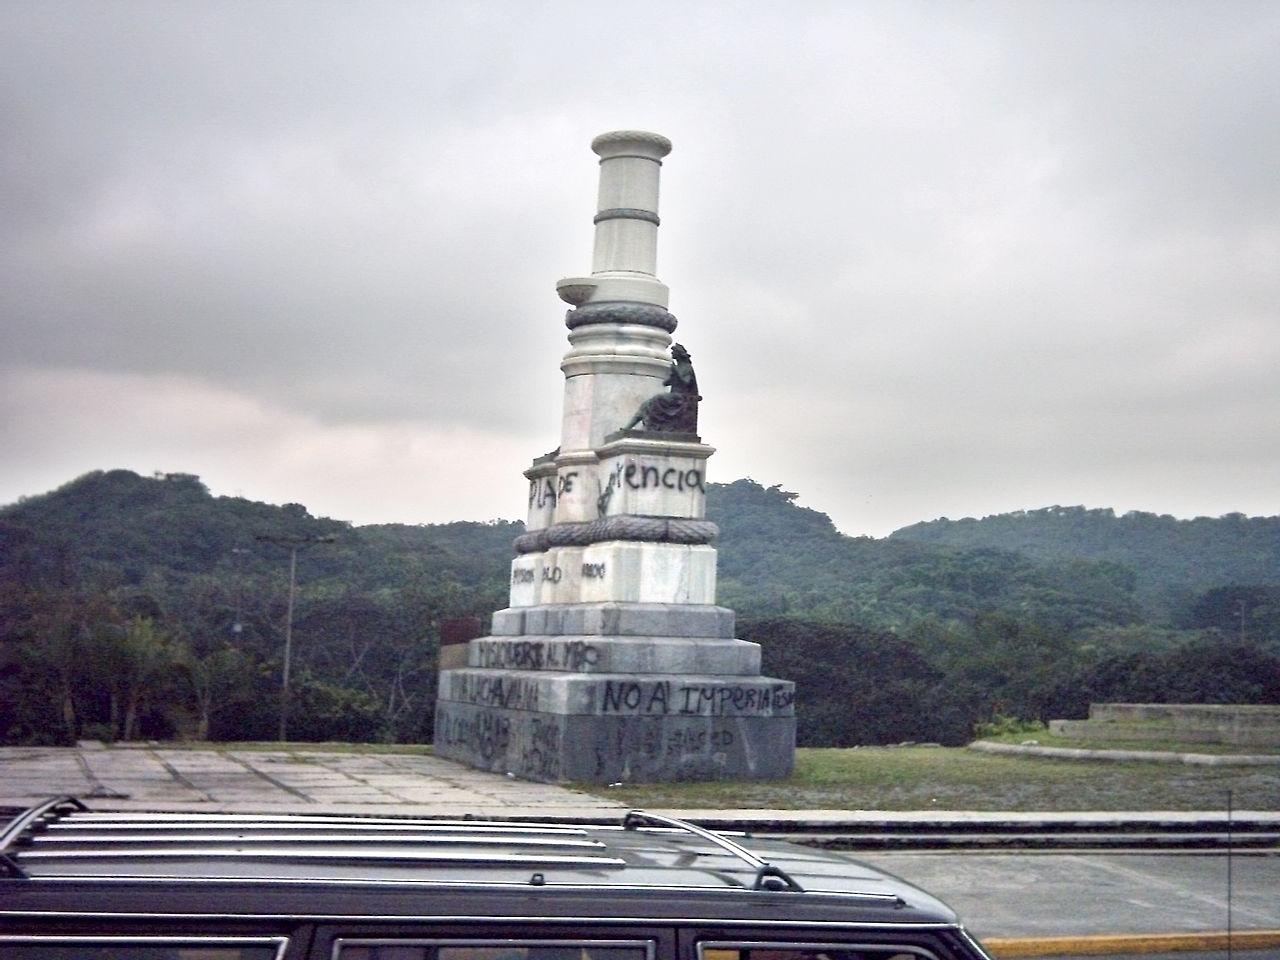 Monumento a Colón en el Golfo triste, sin la estatua centenaria del maestro Rafael de la Cova. Foto Oscar / Wikipedia. Dominio público.